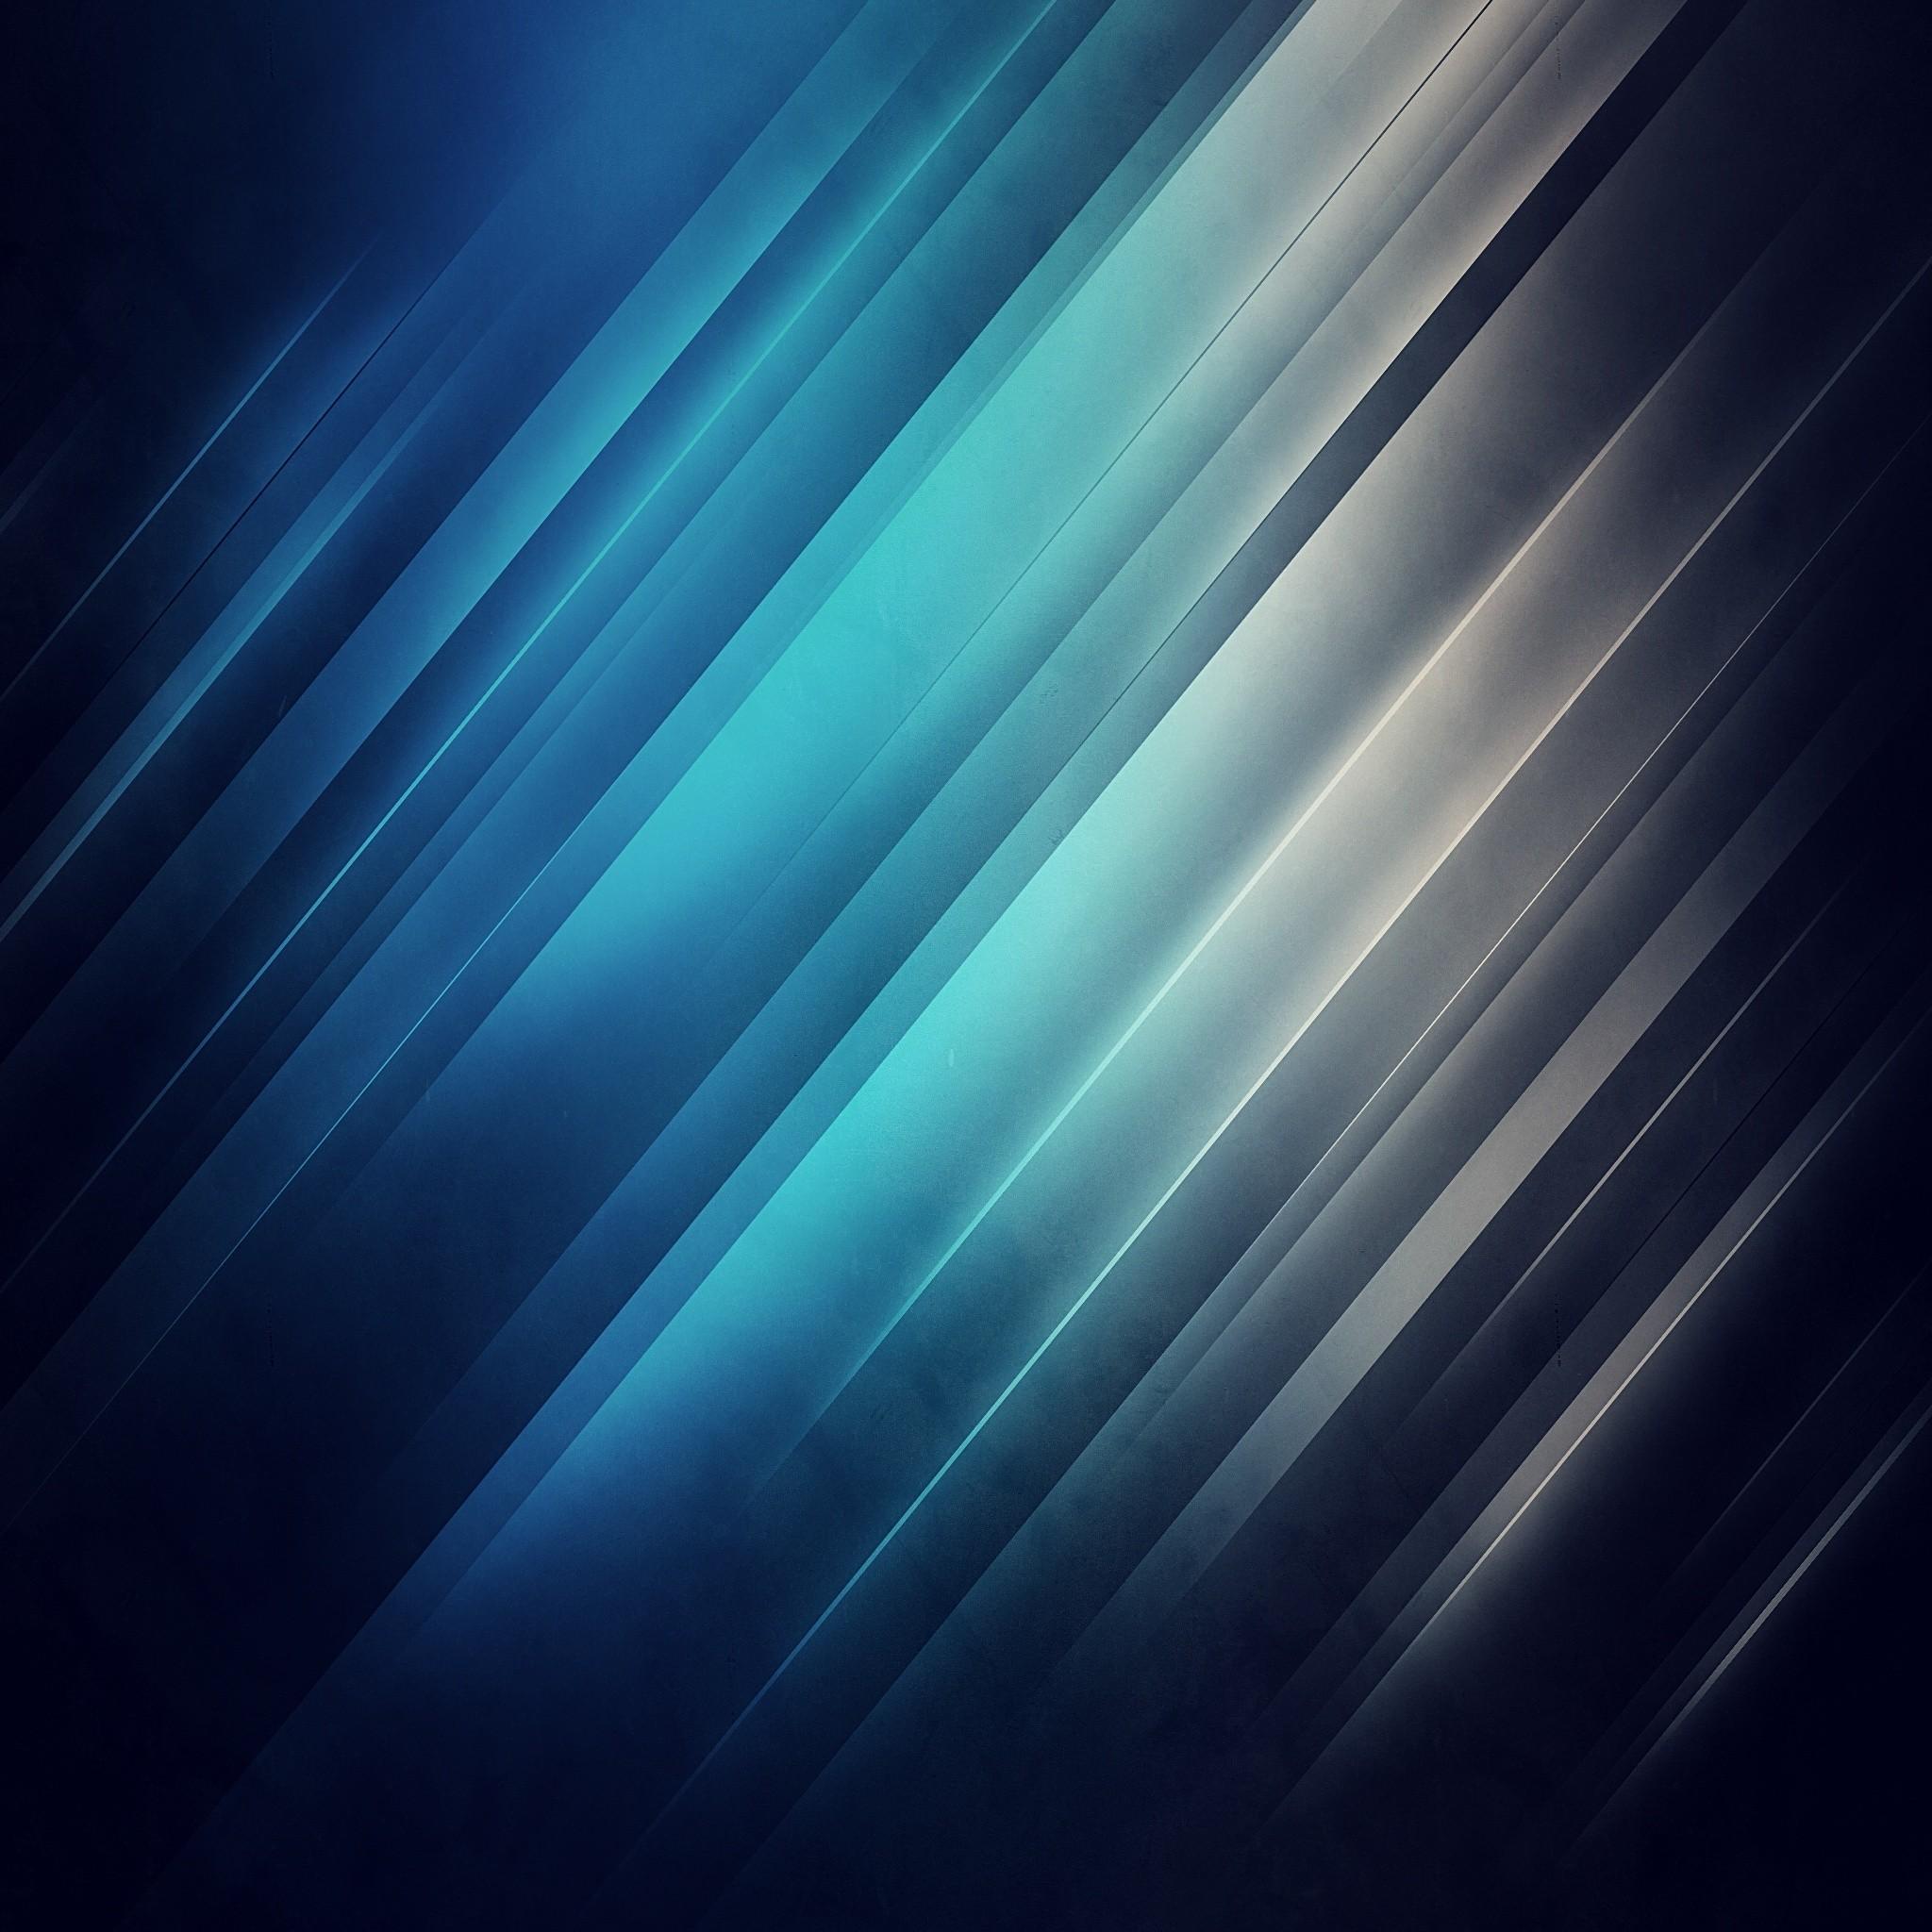 Blue Violet Light Streaks iPad Air/Pro Wallpaper and iPad mini ...